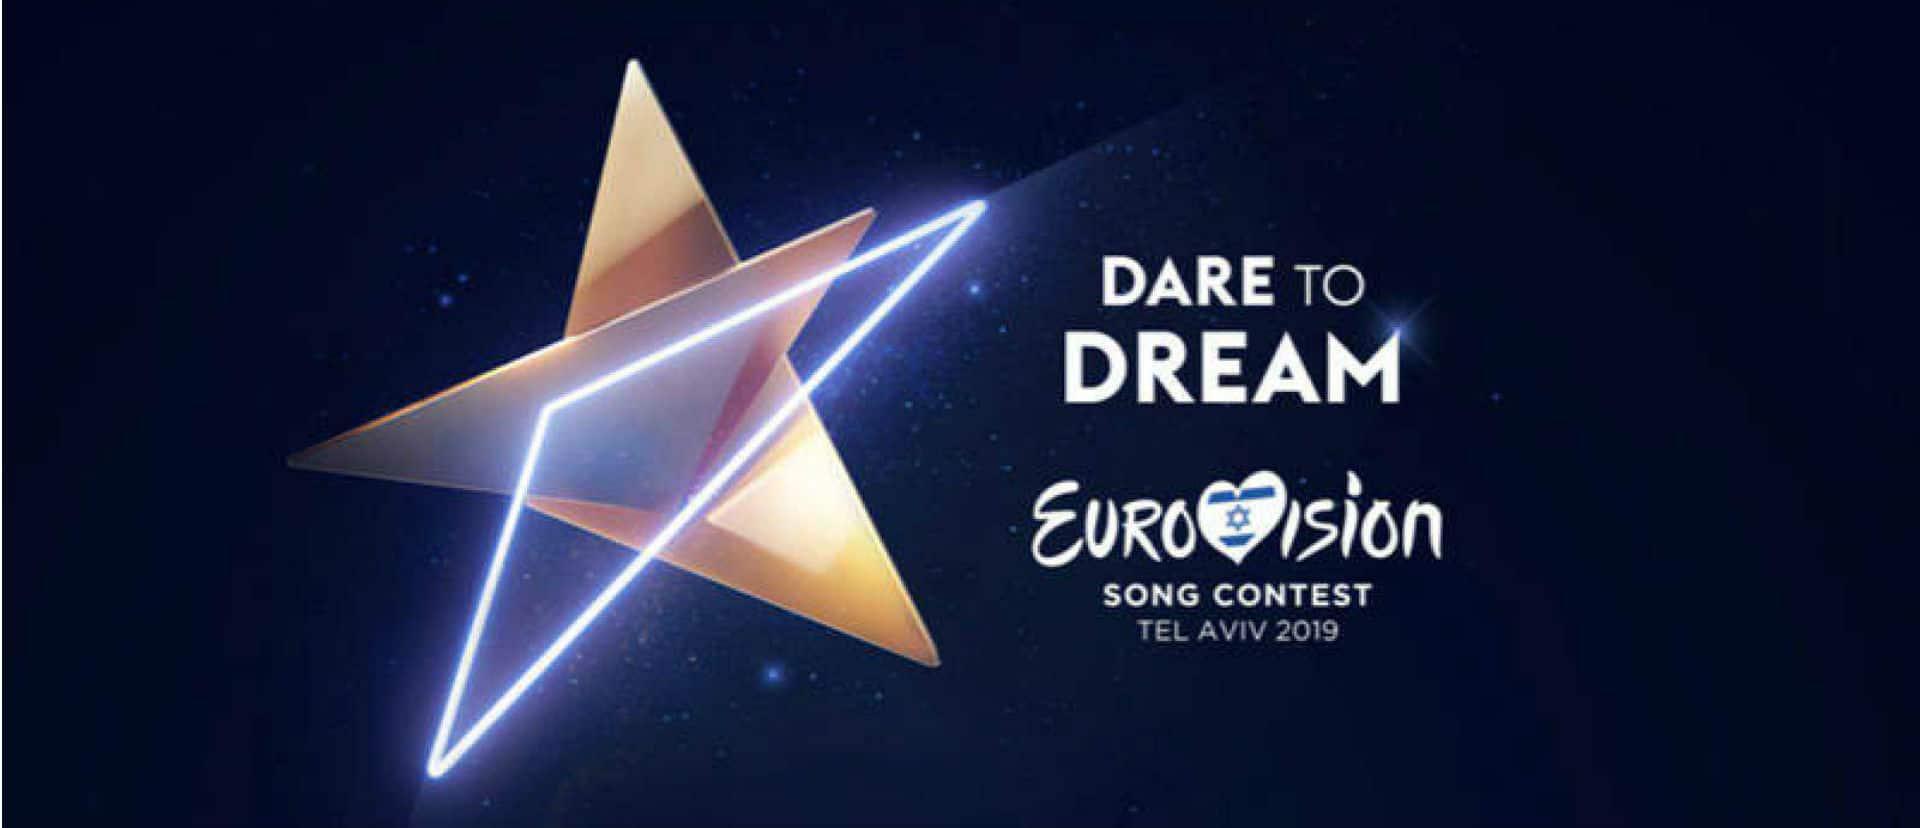 ¿Es posible saber quién va a ganar Eurovisión 2019 gracias al Big Data?